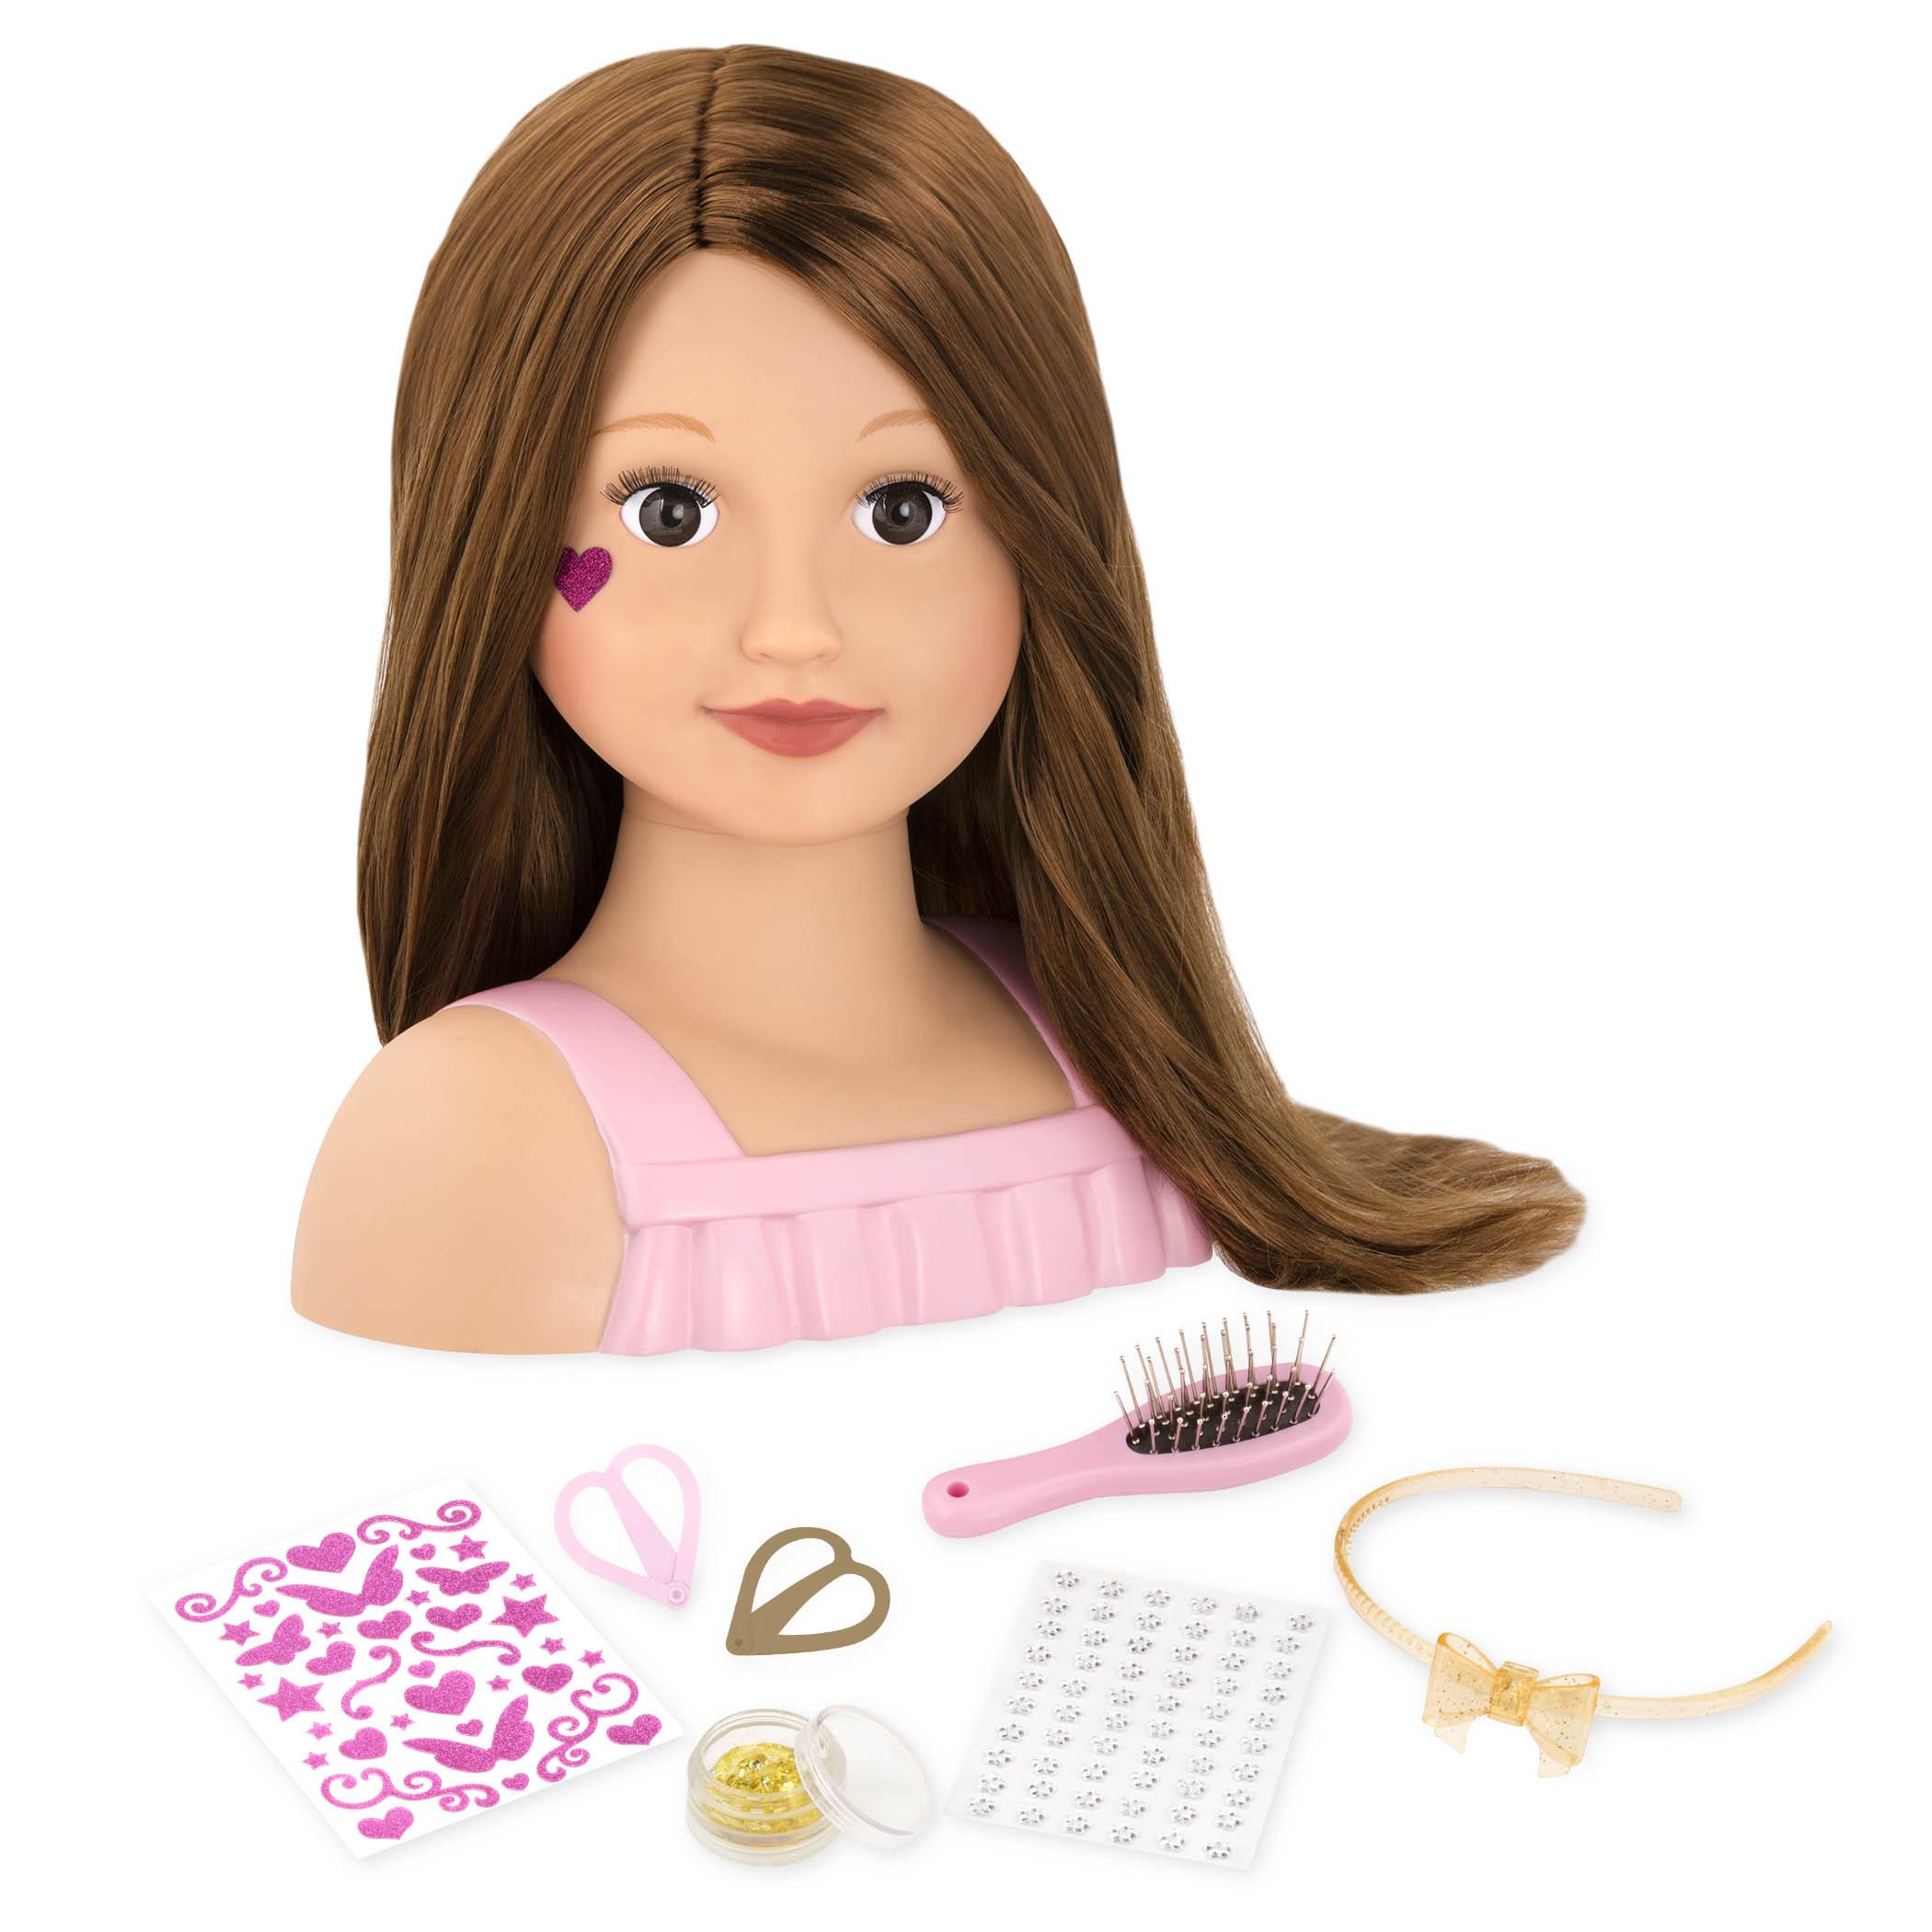 Our Generation Кукла-манекен Модный парикмахер, брюнетка